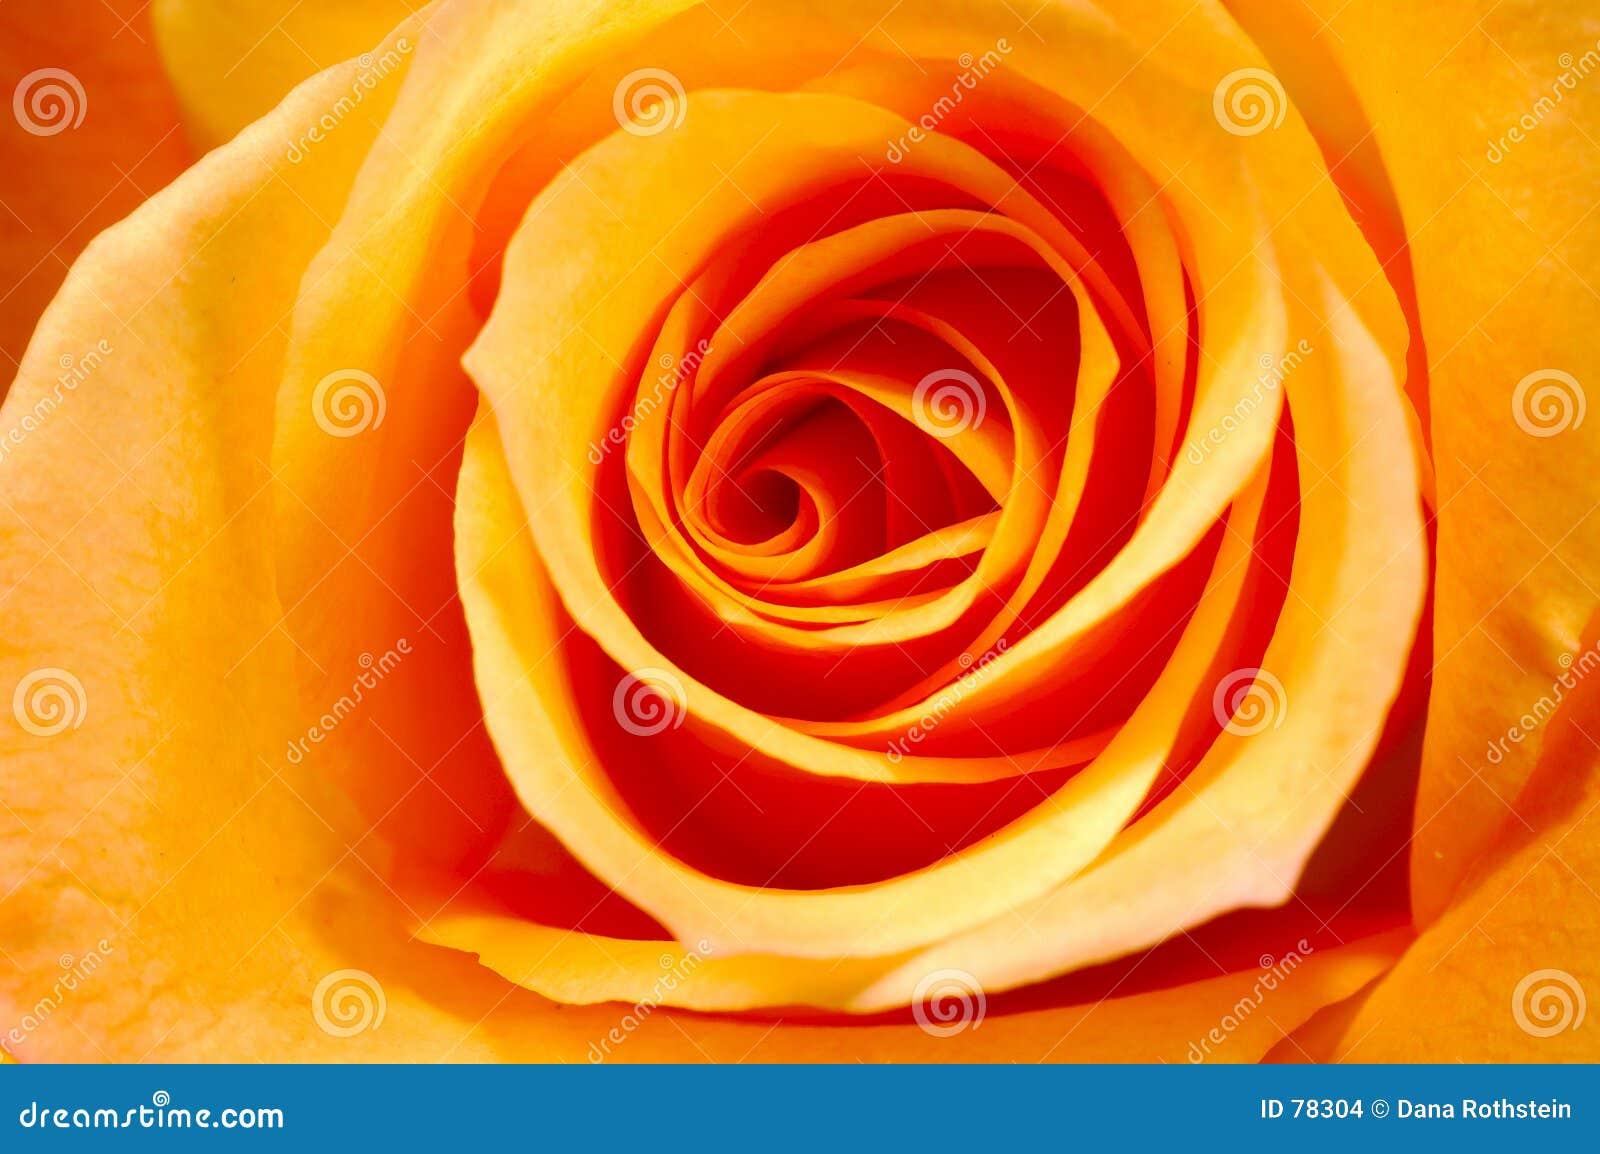 orange rosen blumenbl tter stockfoto bild von nave geben 78304. Black Bedroom Furniture Sets. Home Design Ideas